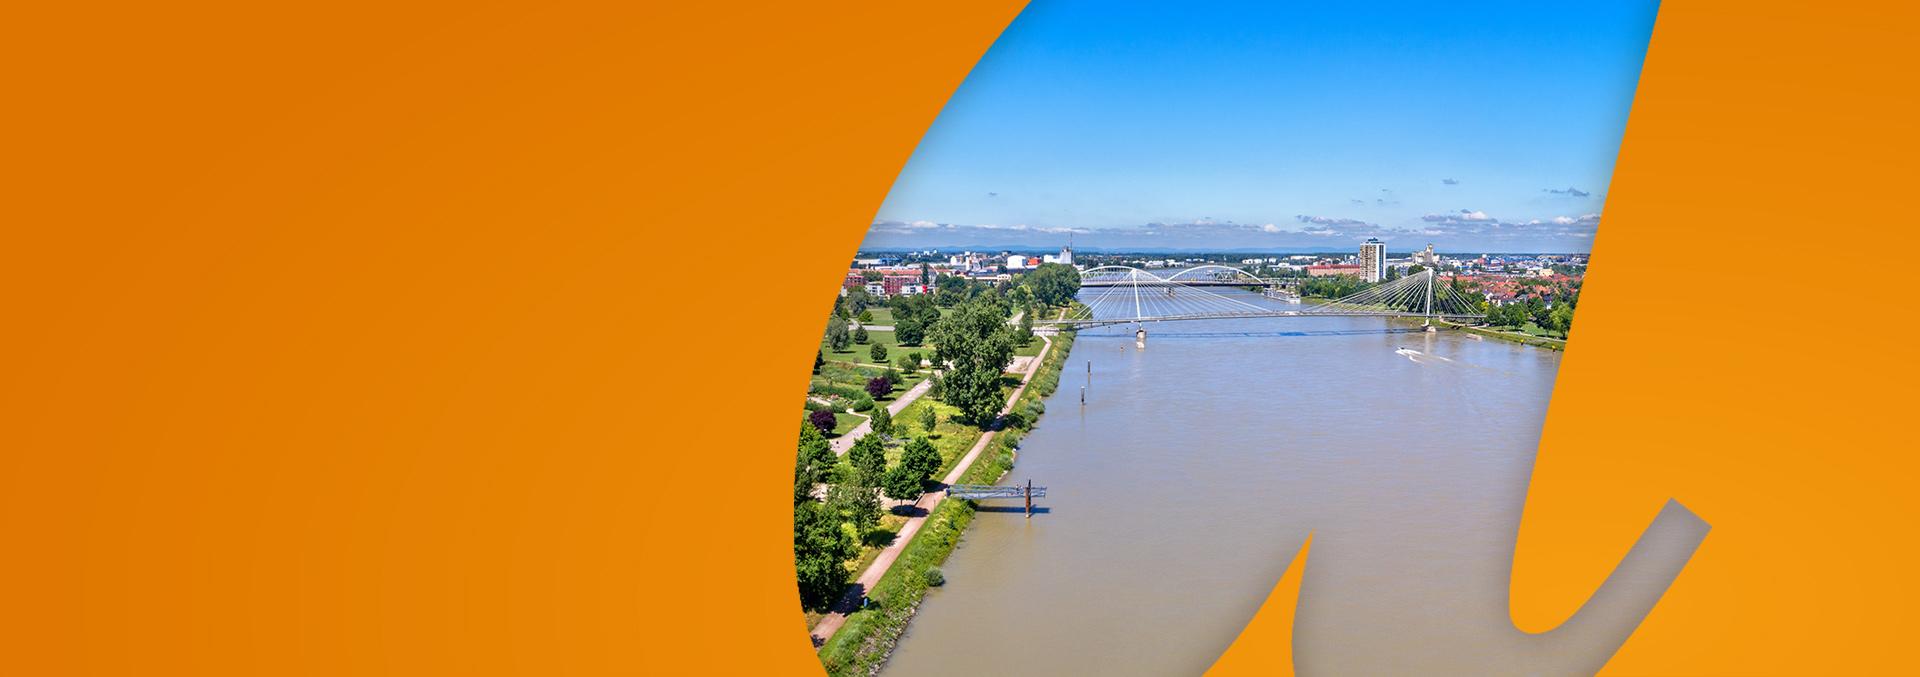 Standort Kehl: Hängebrücke über den Rhein